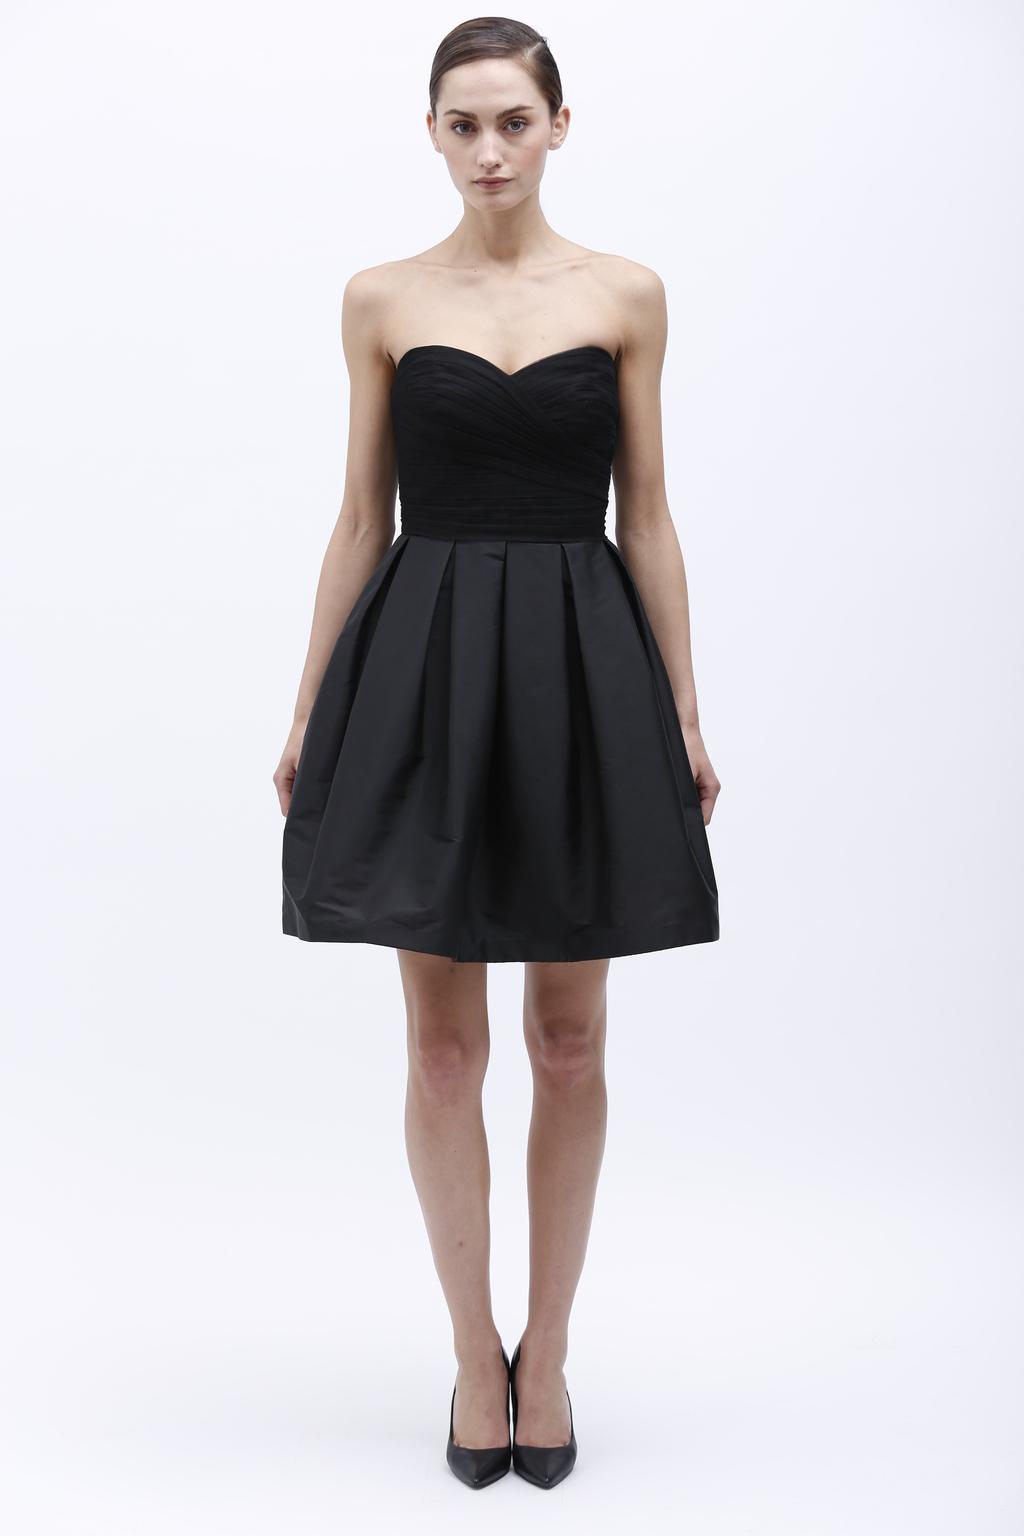 Monique-lhuillier-spring-2014-bridesmaid-dress-450161_black.full